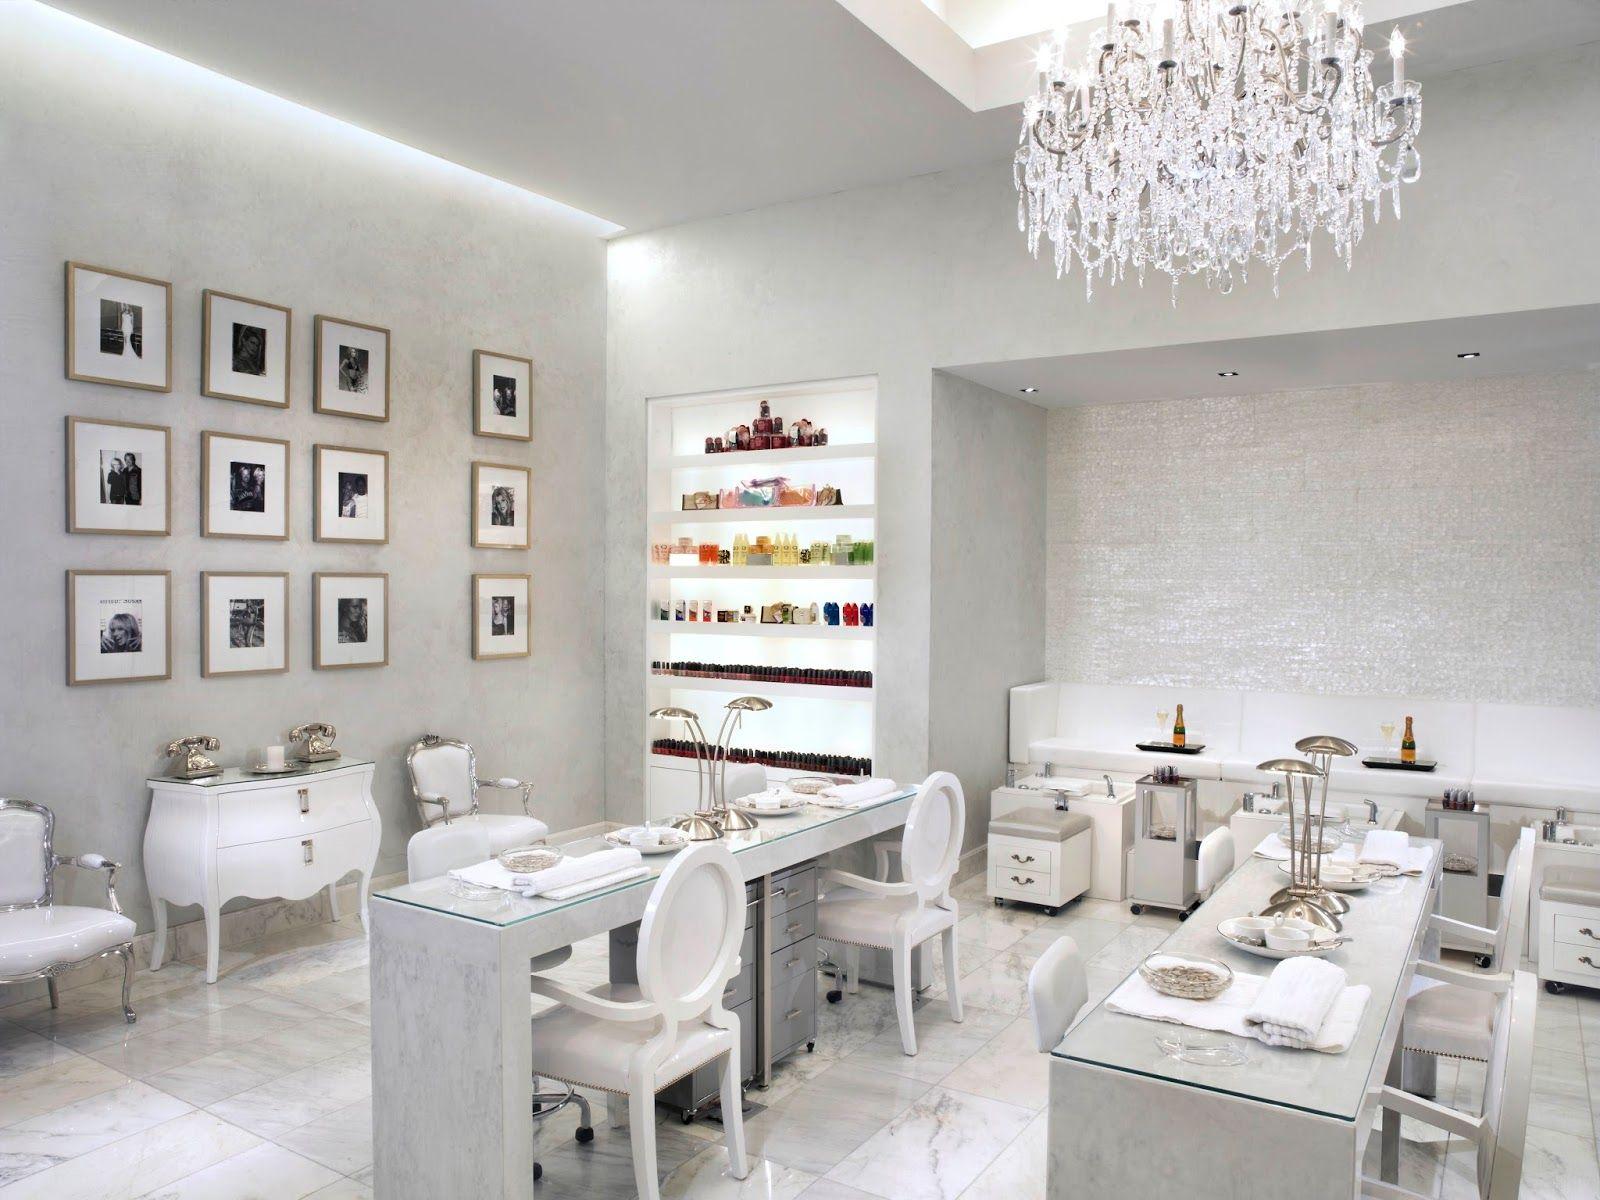 Nail bar | Nail salon design, Salon interior design ...